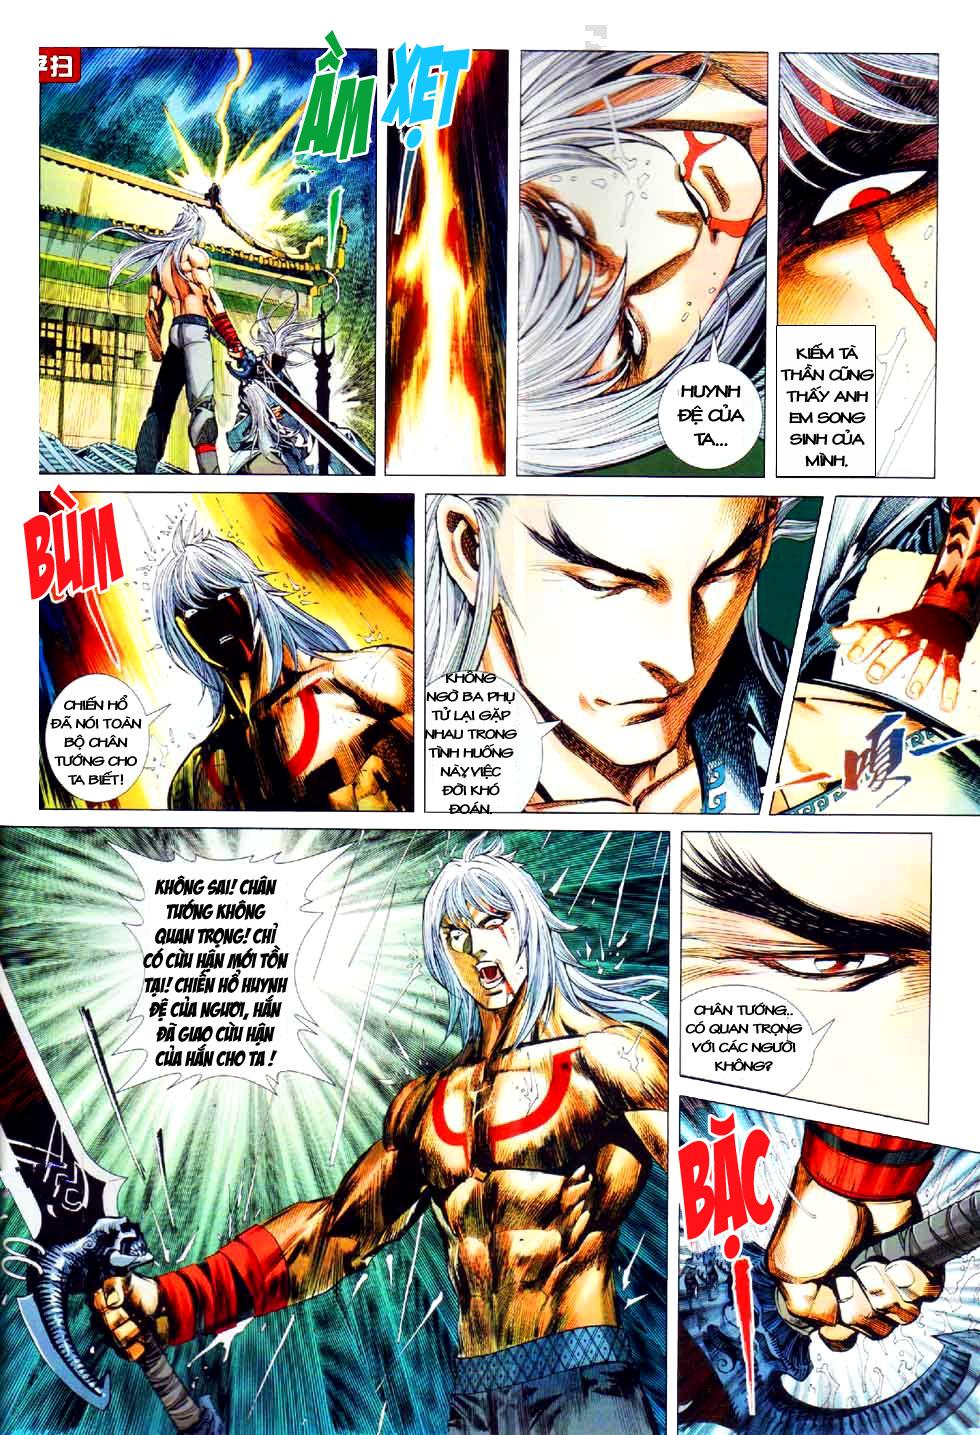 Thiên Hạ Vô Địch Kiếm Tà Thần chap 8 end trang 4